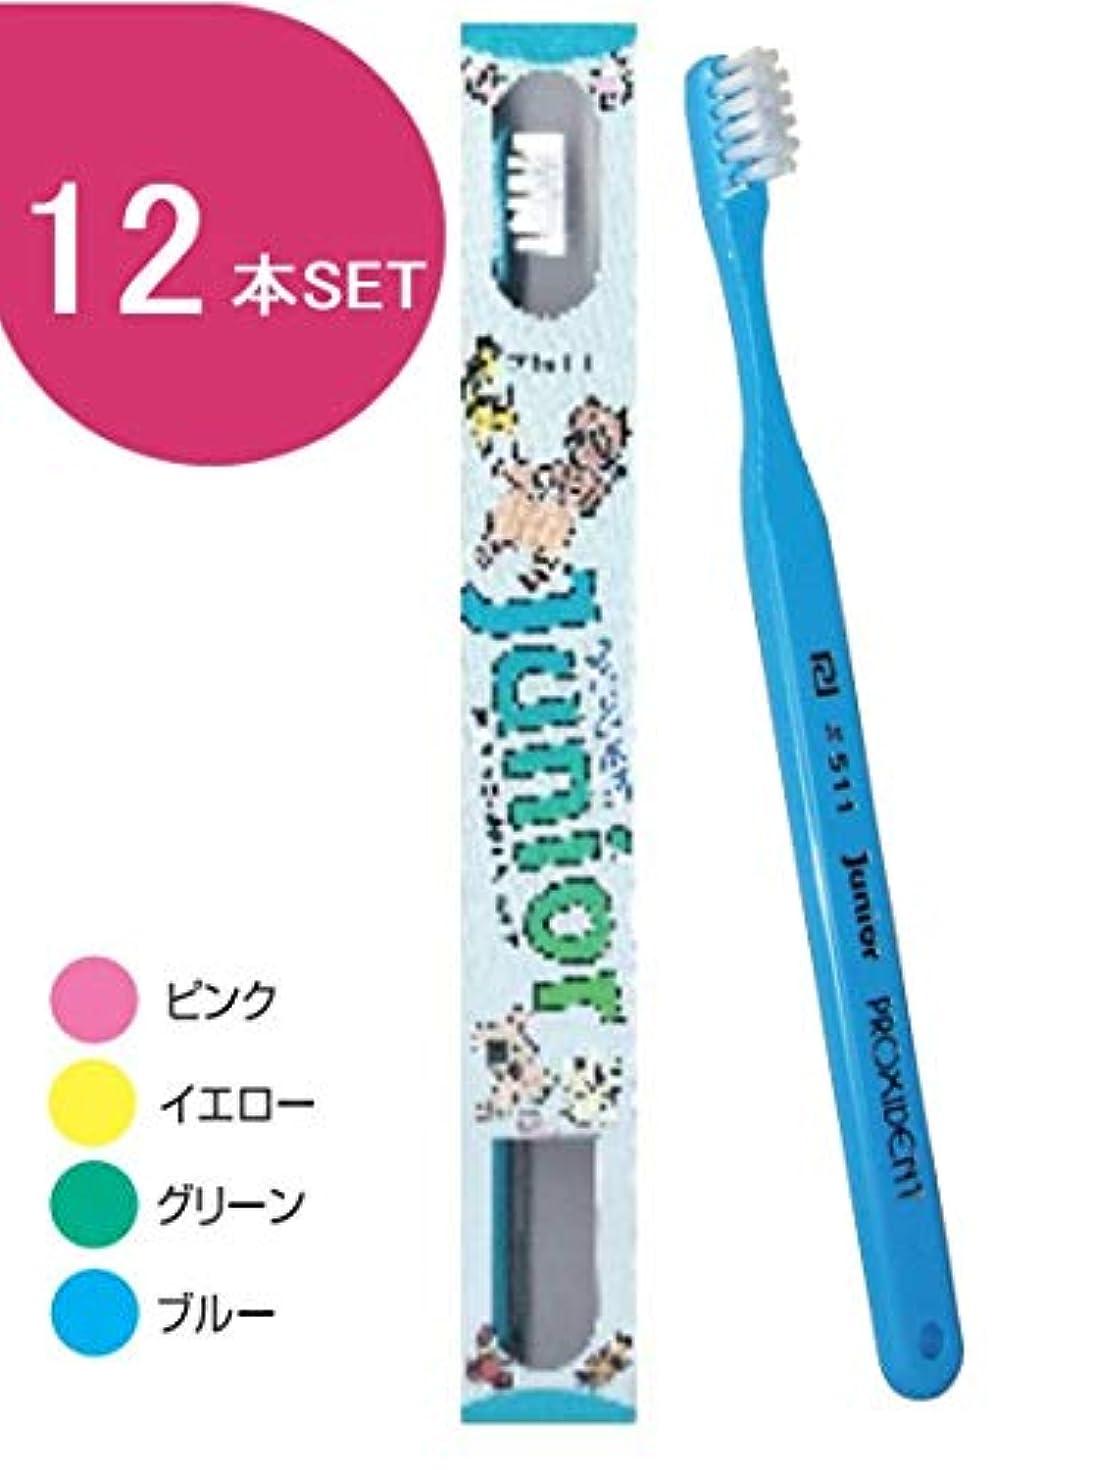 小道平らな強打プローデント プロキシデント ジュニア 歯ブラシ #511 混合歯列期に… (12本)